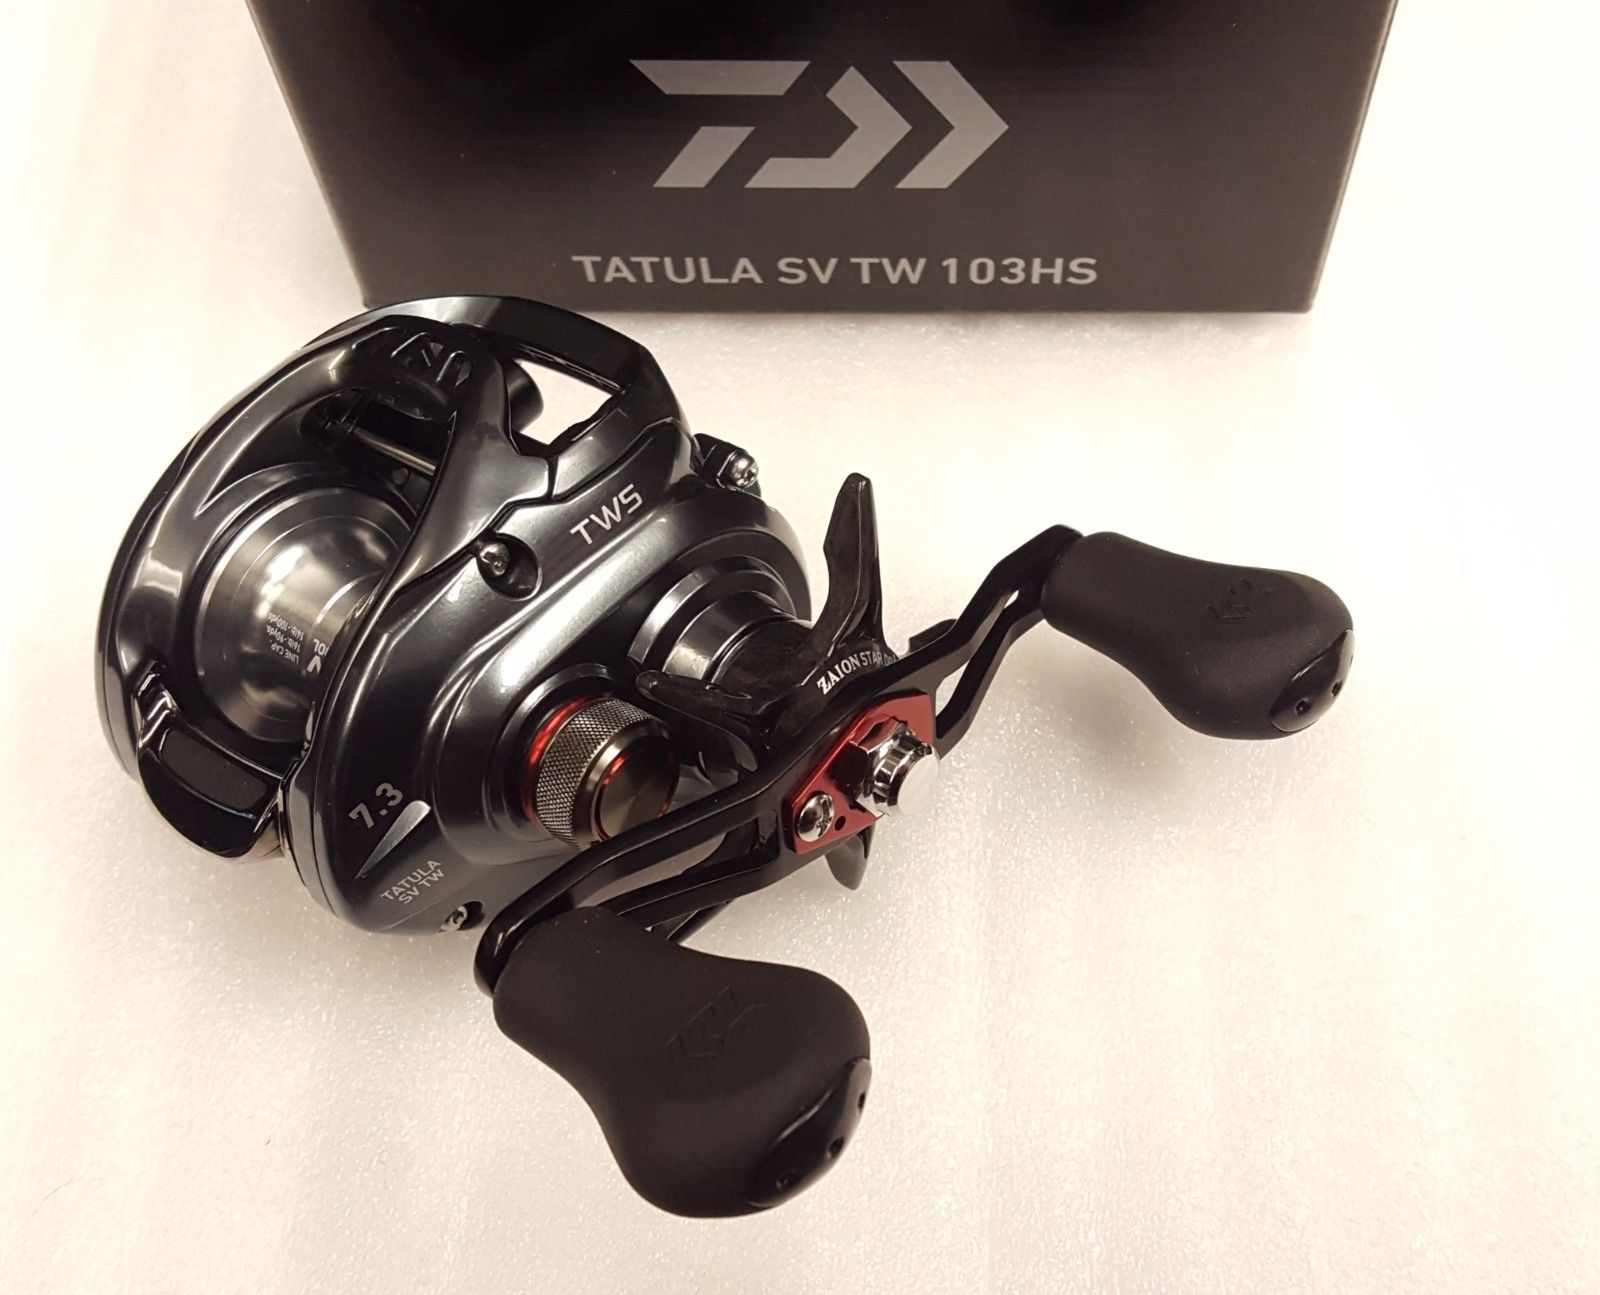 Daiwa Tatula SV TWS 7.3:1 Casting Reel TASV103HS